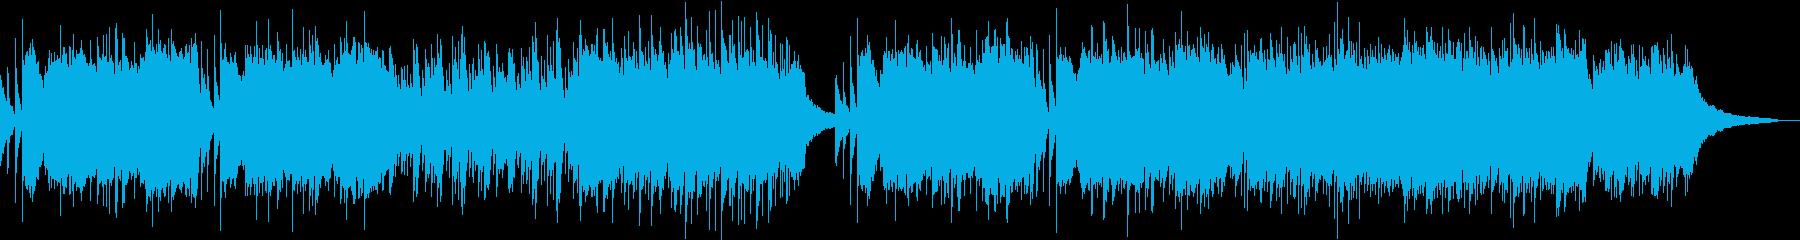 上品な大人セクシーなタンゴピアノソロの再生済みの波形